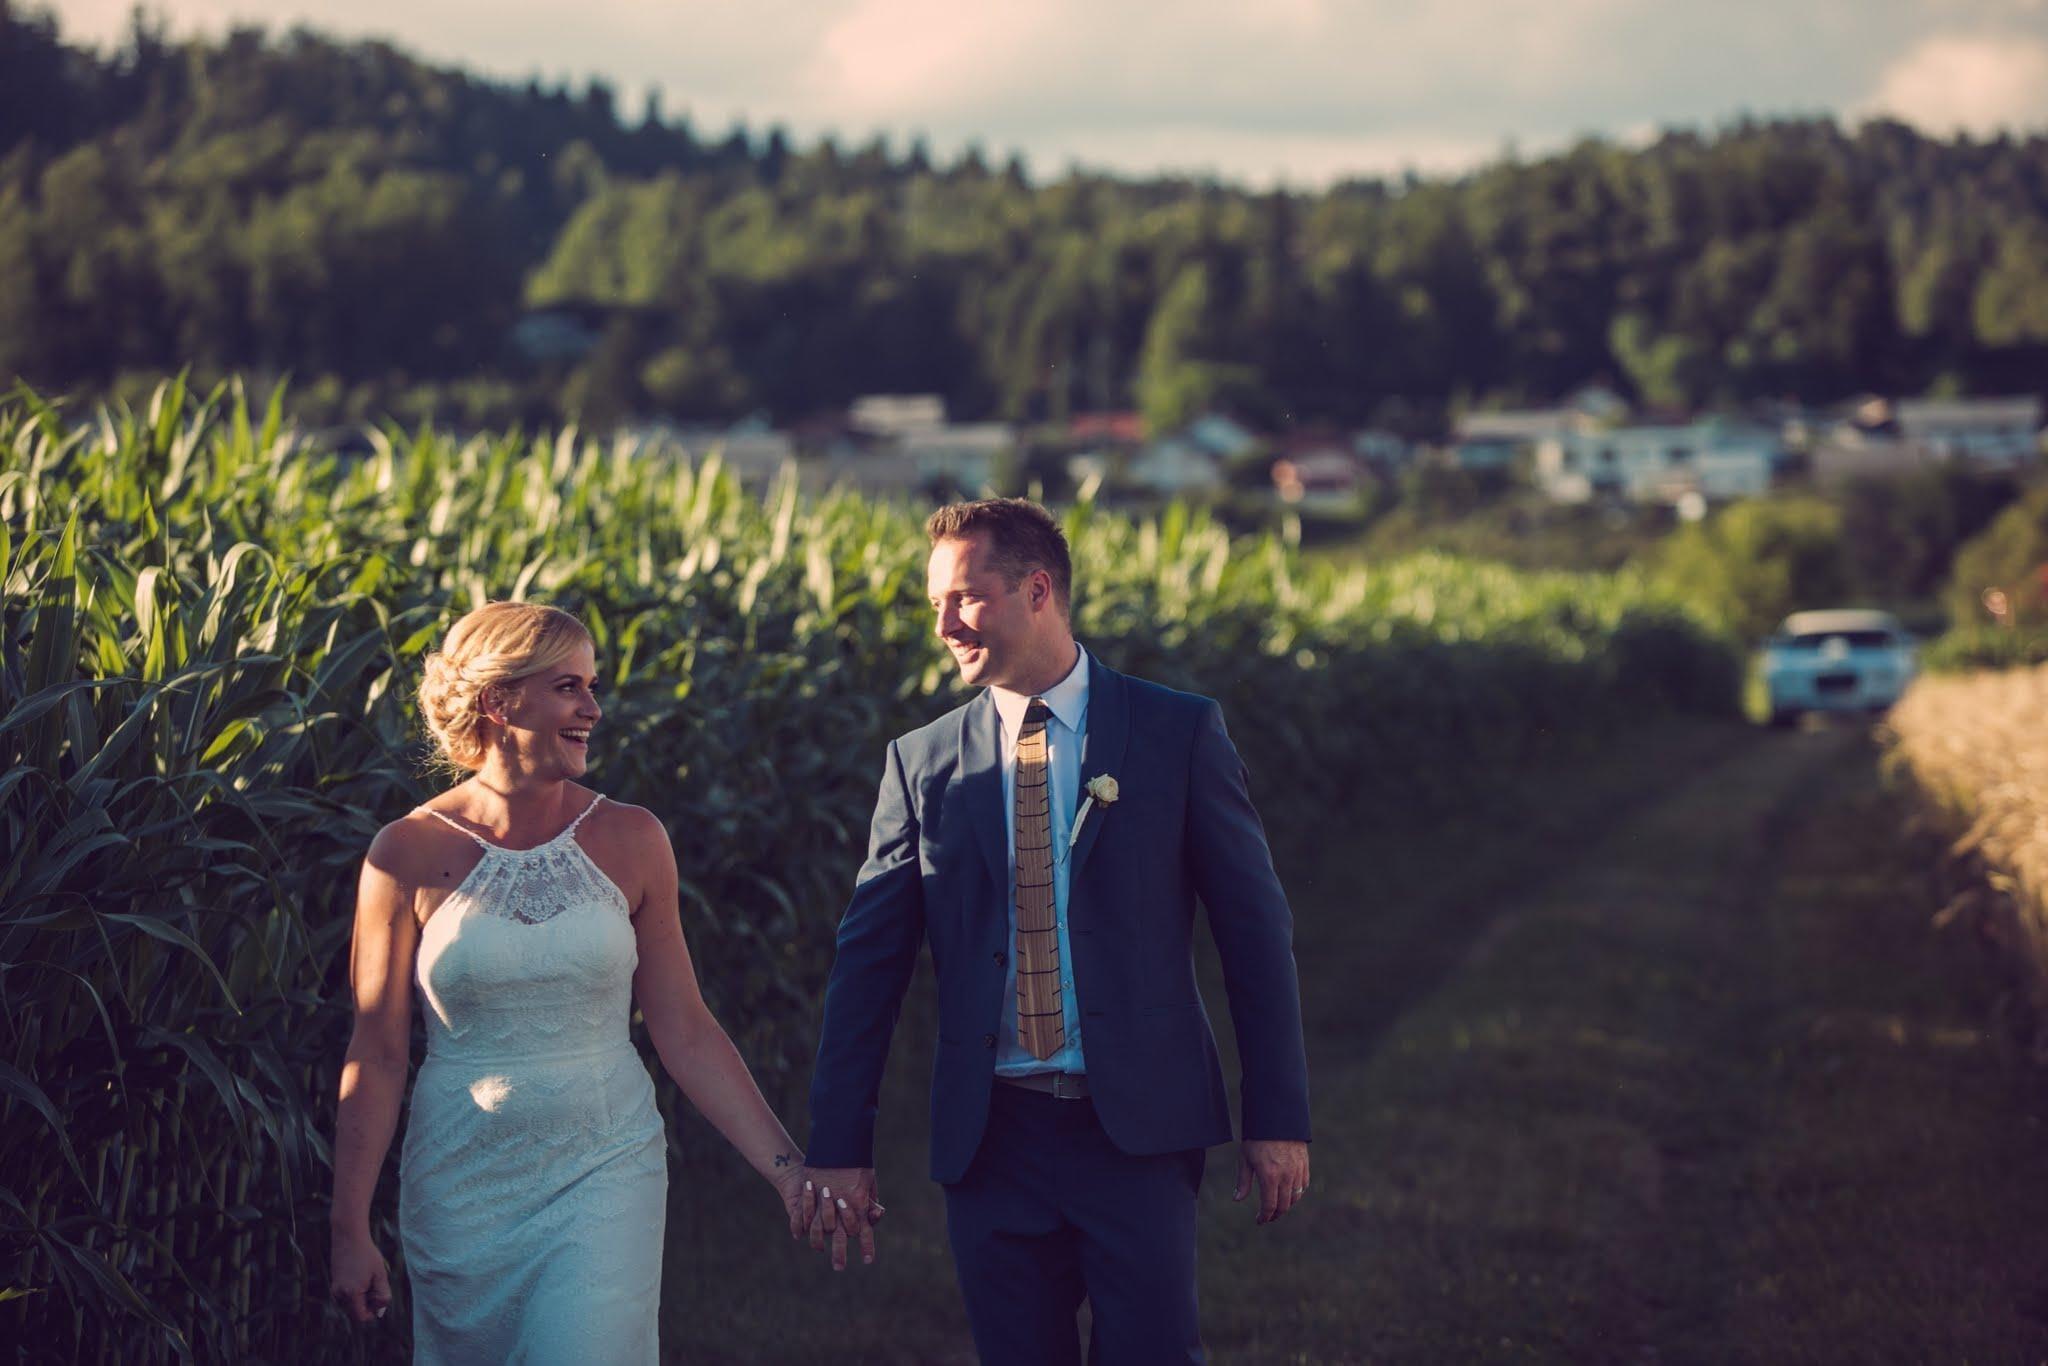 porocna fotografija zate, porocni fotograf Tadej bernik, wedding photography, wedding photography, slovenija, ljubljana, zenin, nevesta bride and groom 1